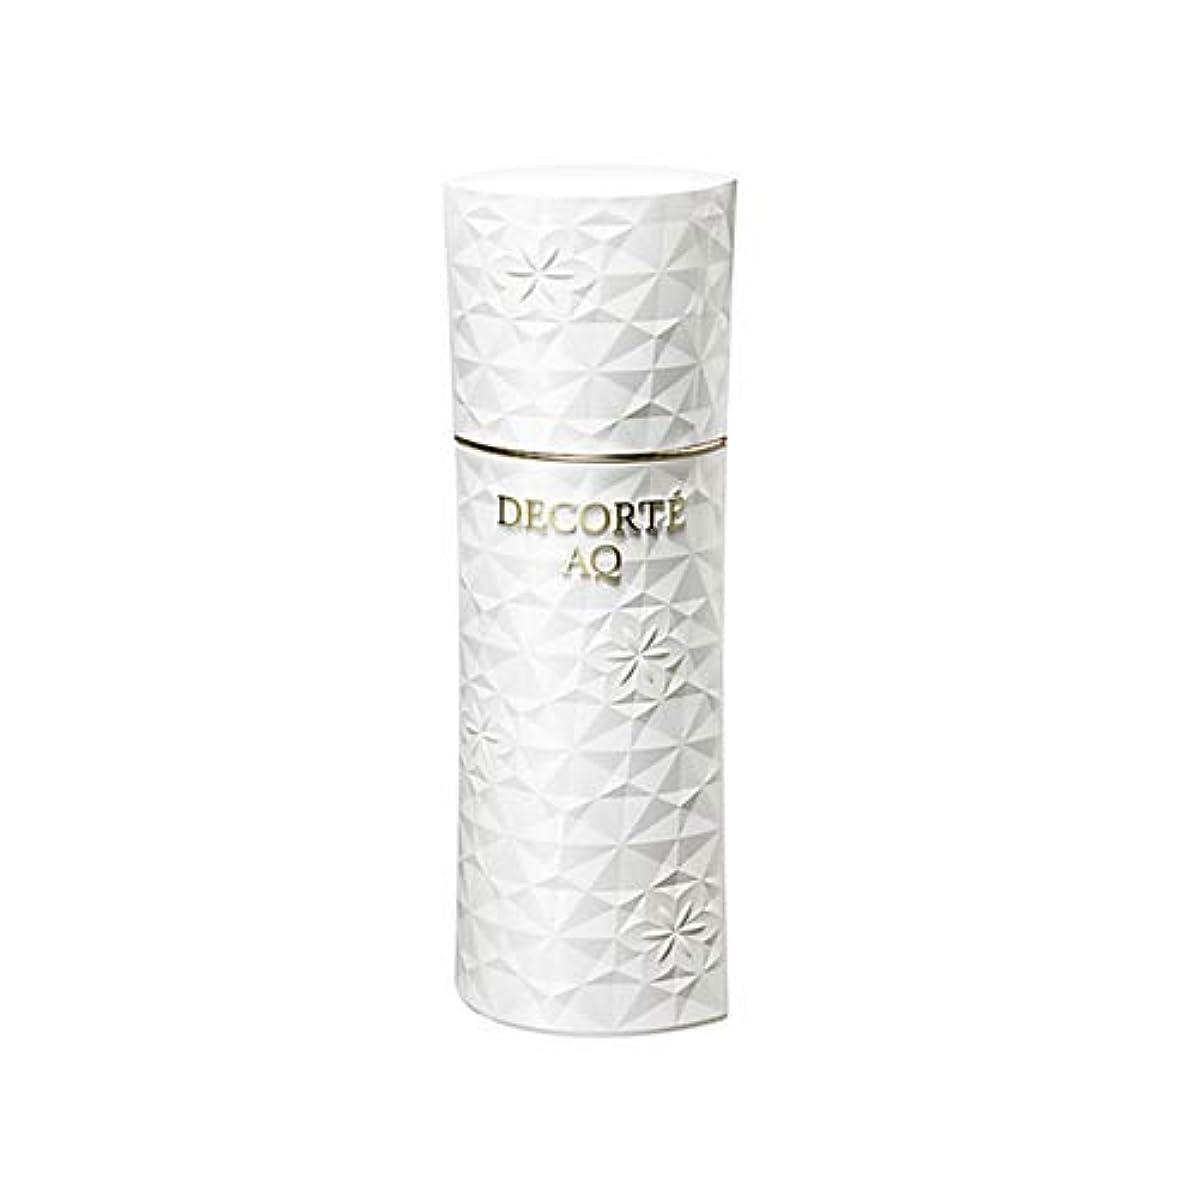 効果的にブランデースキャンダラスコーセー コスメデコルテ AQエマルジョンER (エクストラリッチ) 200ml [ 乳液 ] [並行輸入品]